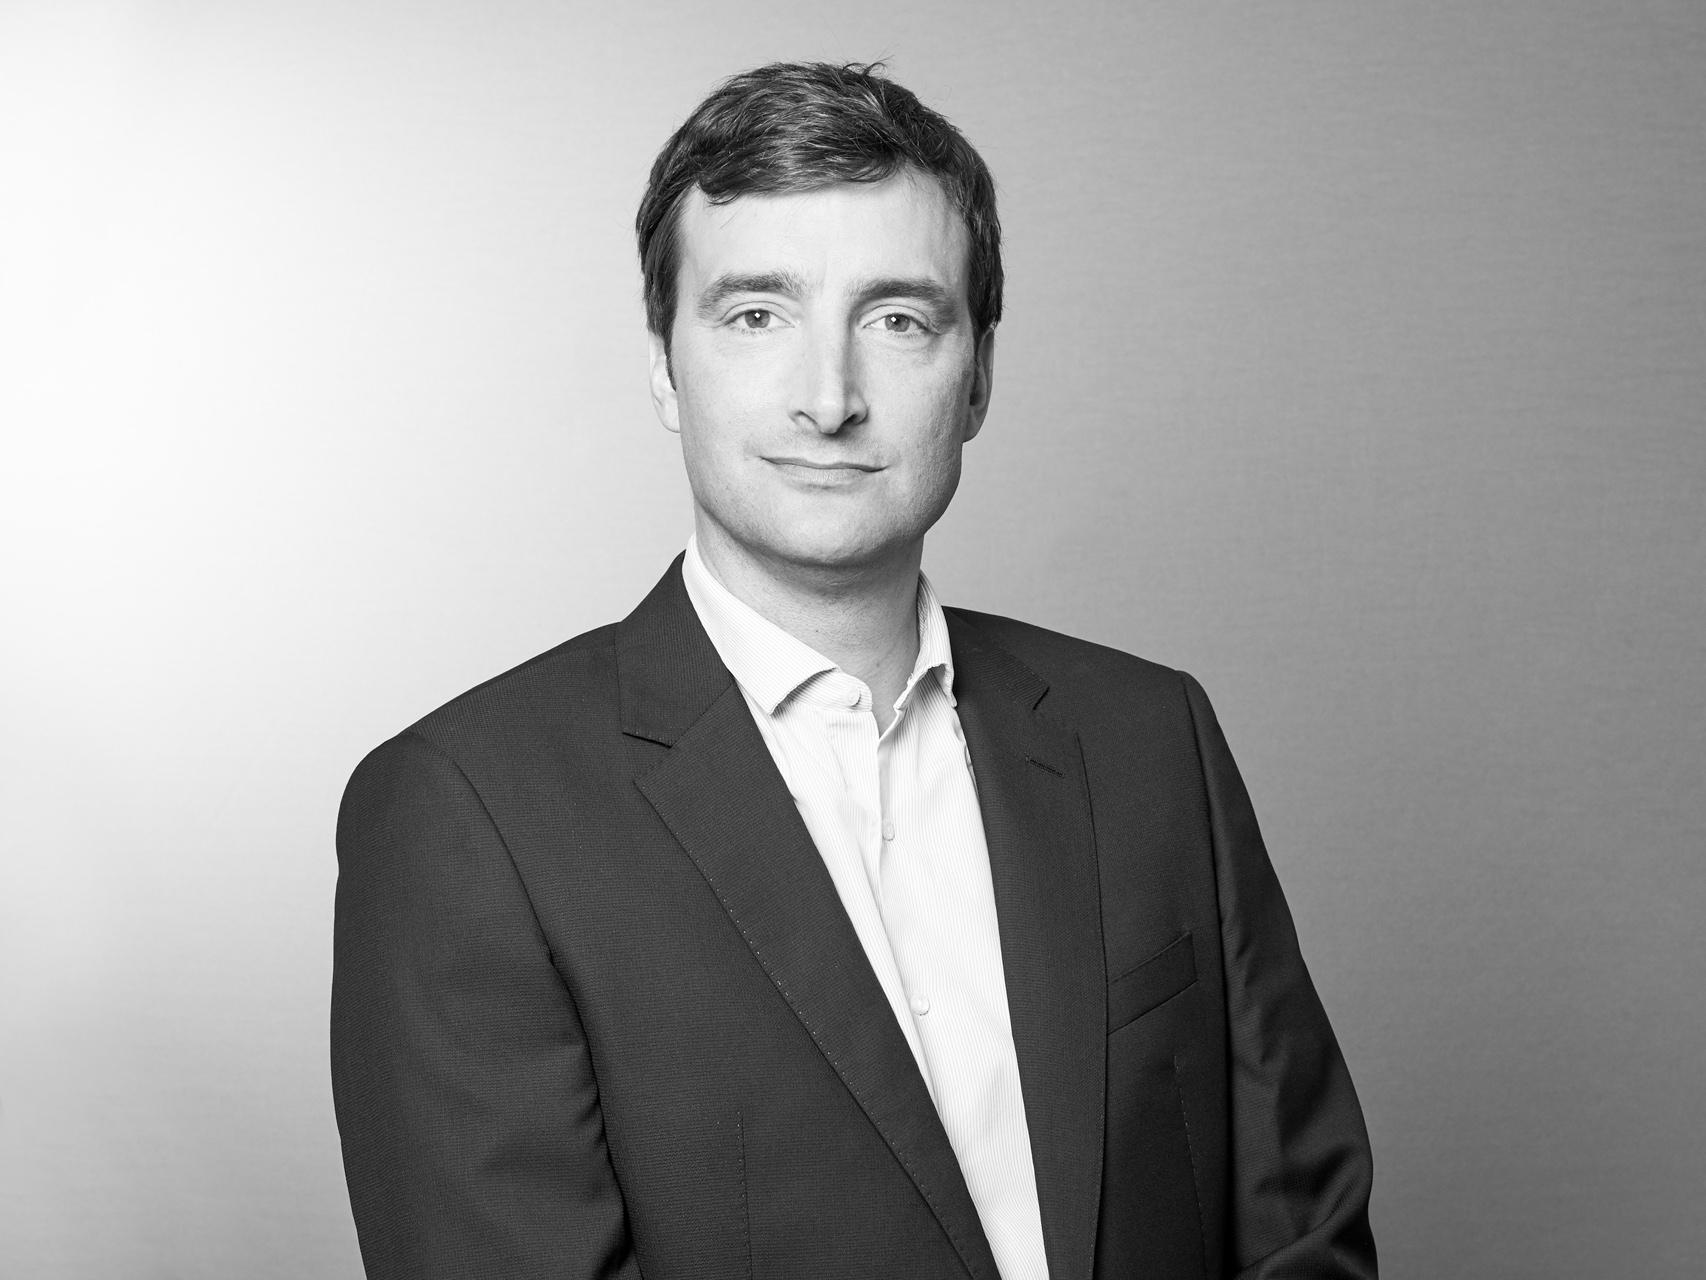 Vincent perlier bredin investment deutsches investmentgesetz pdf creator